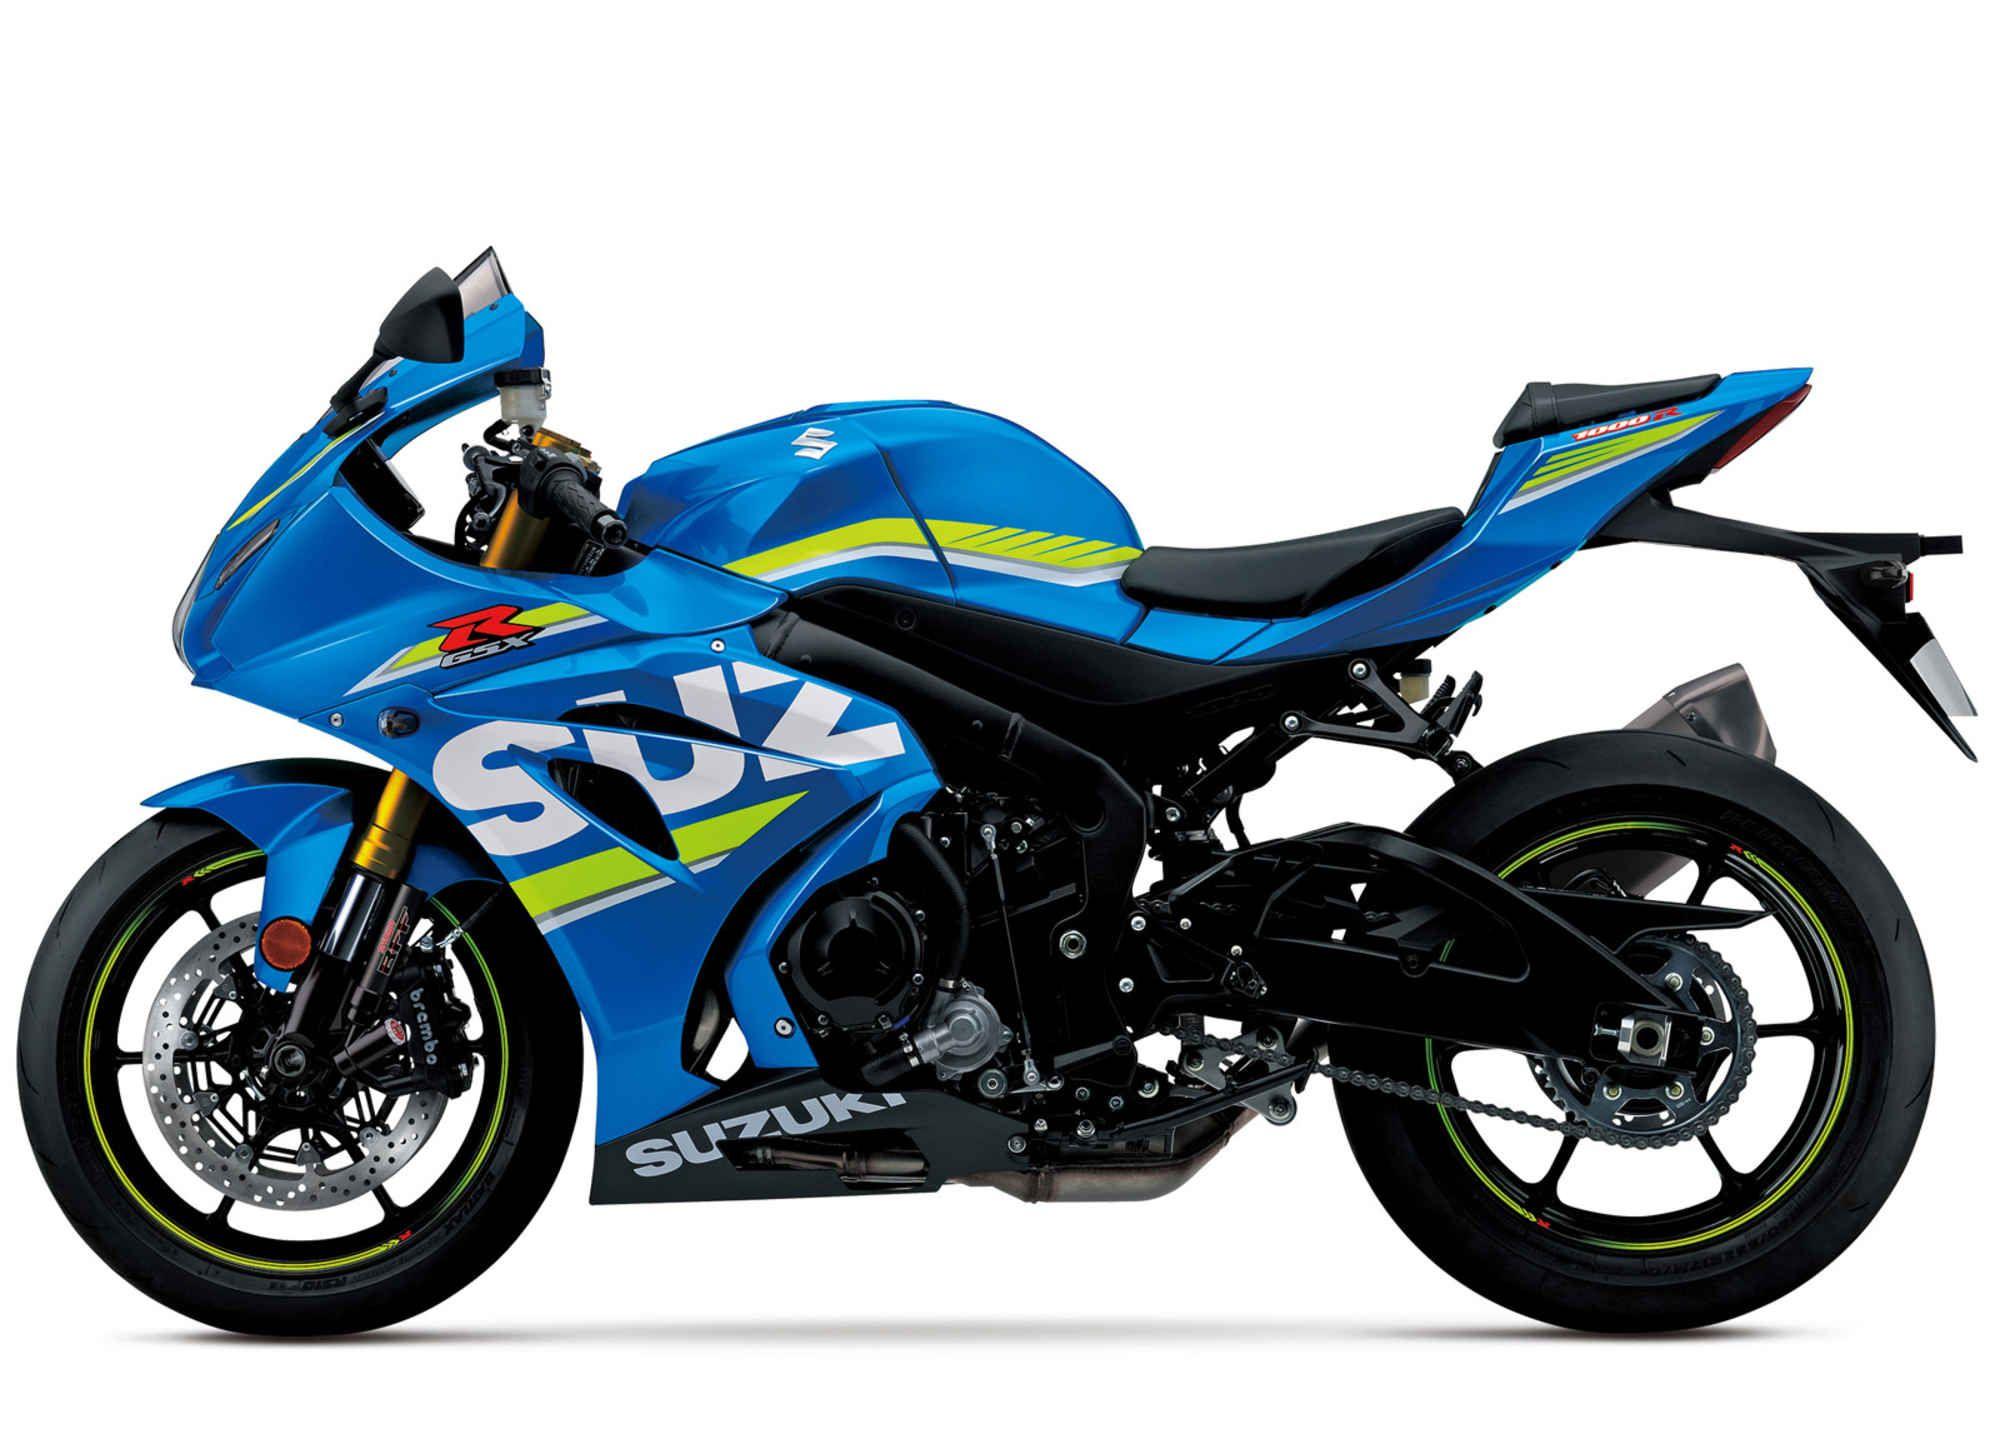 2017 suzuki gsx r1000 first look sport rider moto. Black Bedroom Furniture Sets. Home Design Ideas